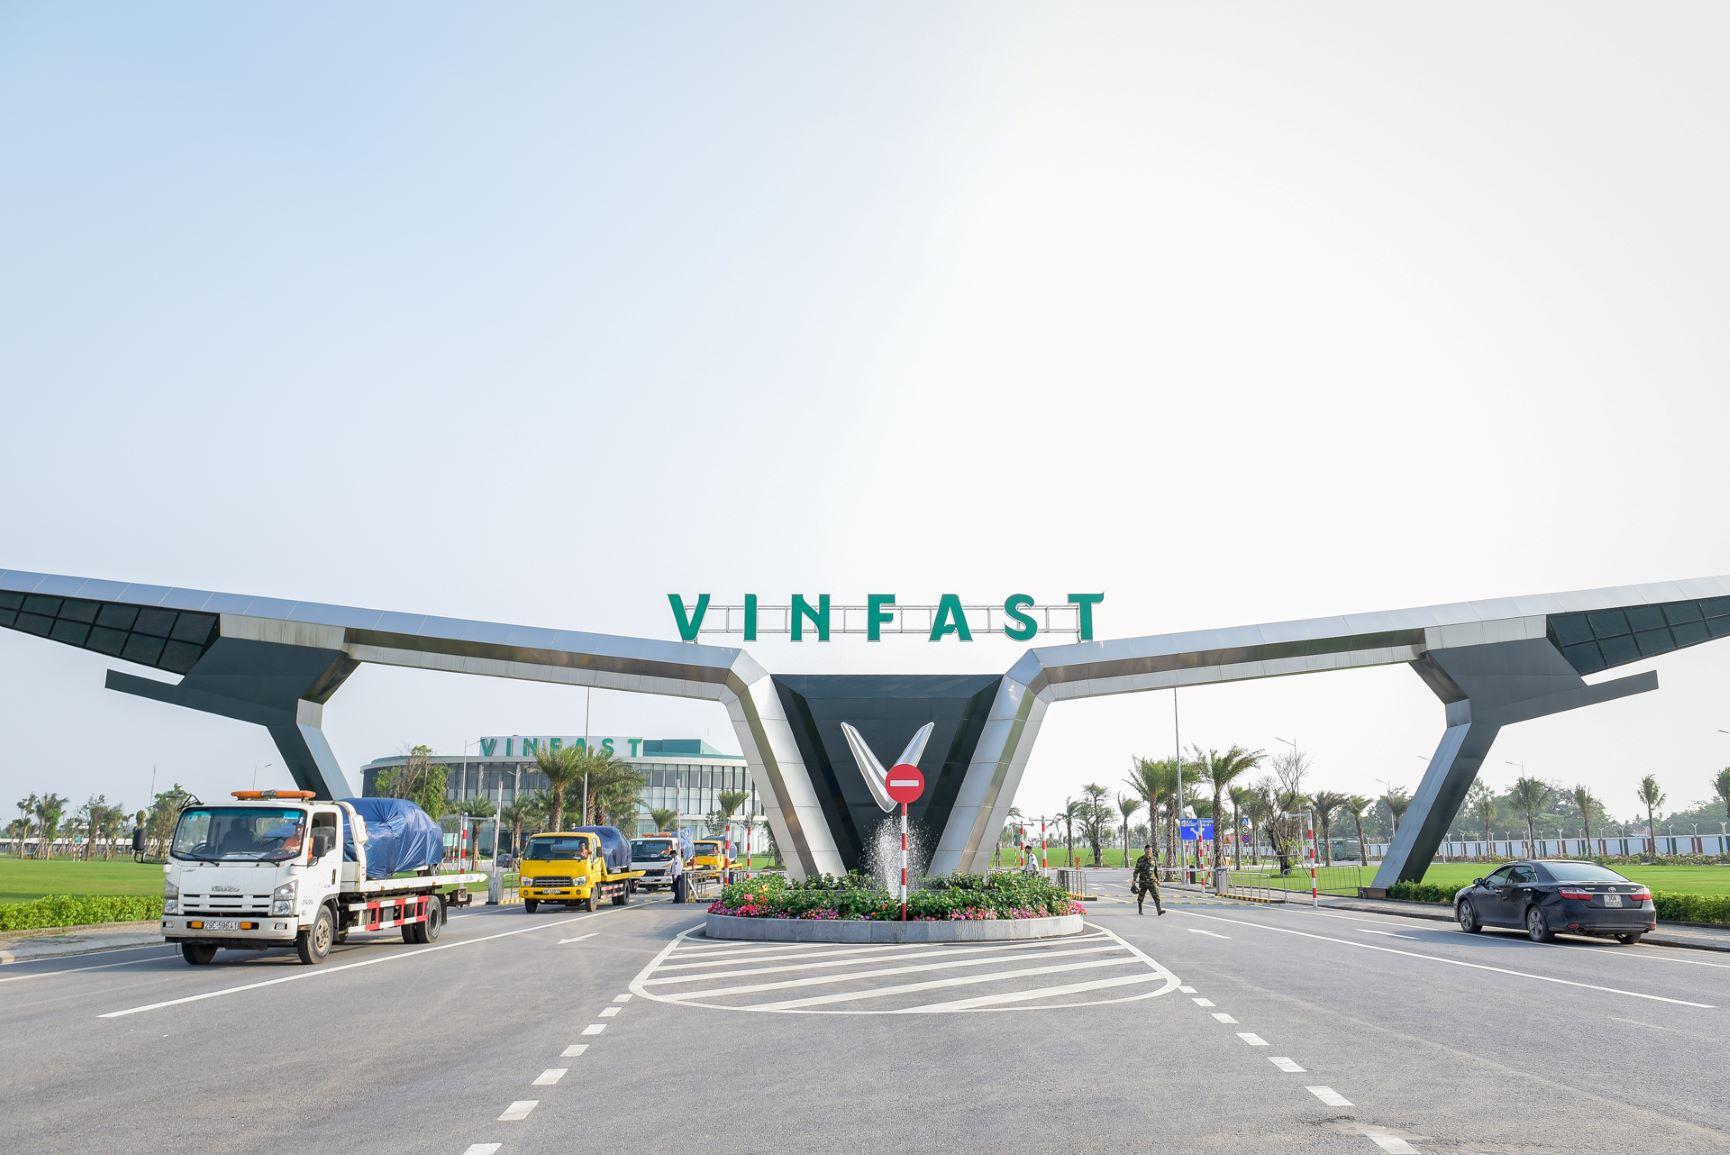 Vingroup rót 1.000 tỷ đồng thành lập công ty VinBus, vận tải hành khách bằng xe buýt điện từ tháng 3/2020 - Ảnh 1.